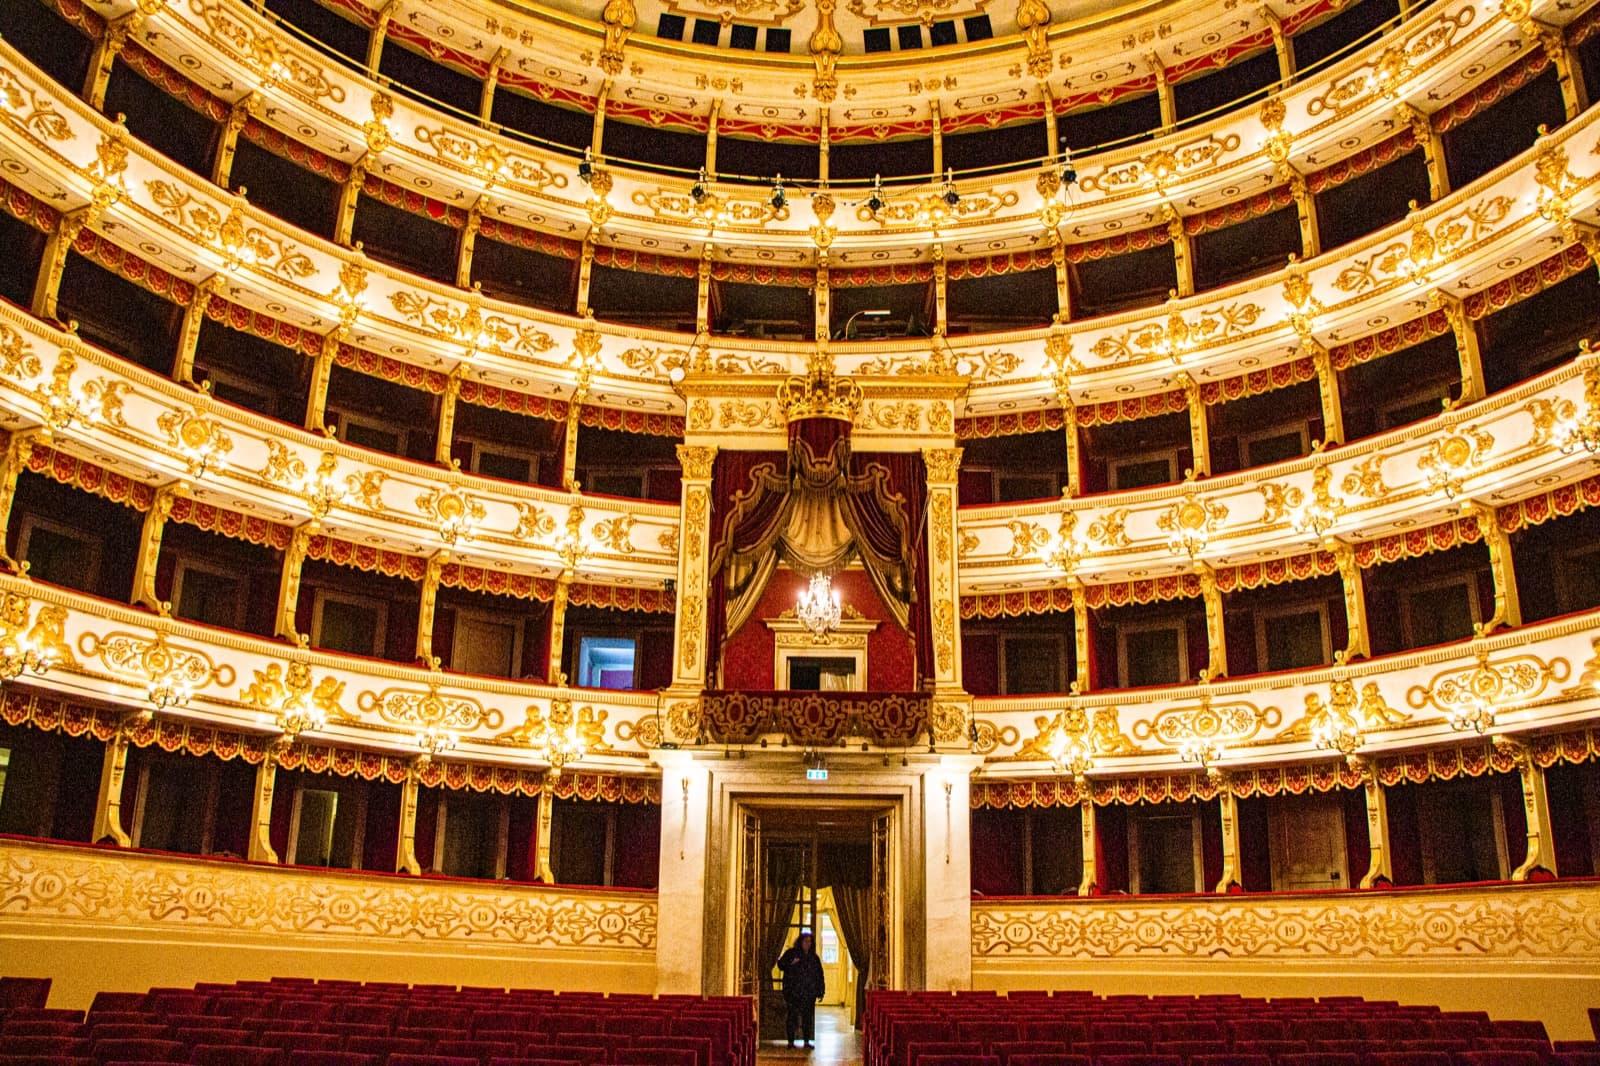 Teatro Regio di Parma Ph. 2FoodTrippers